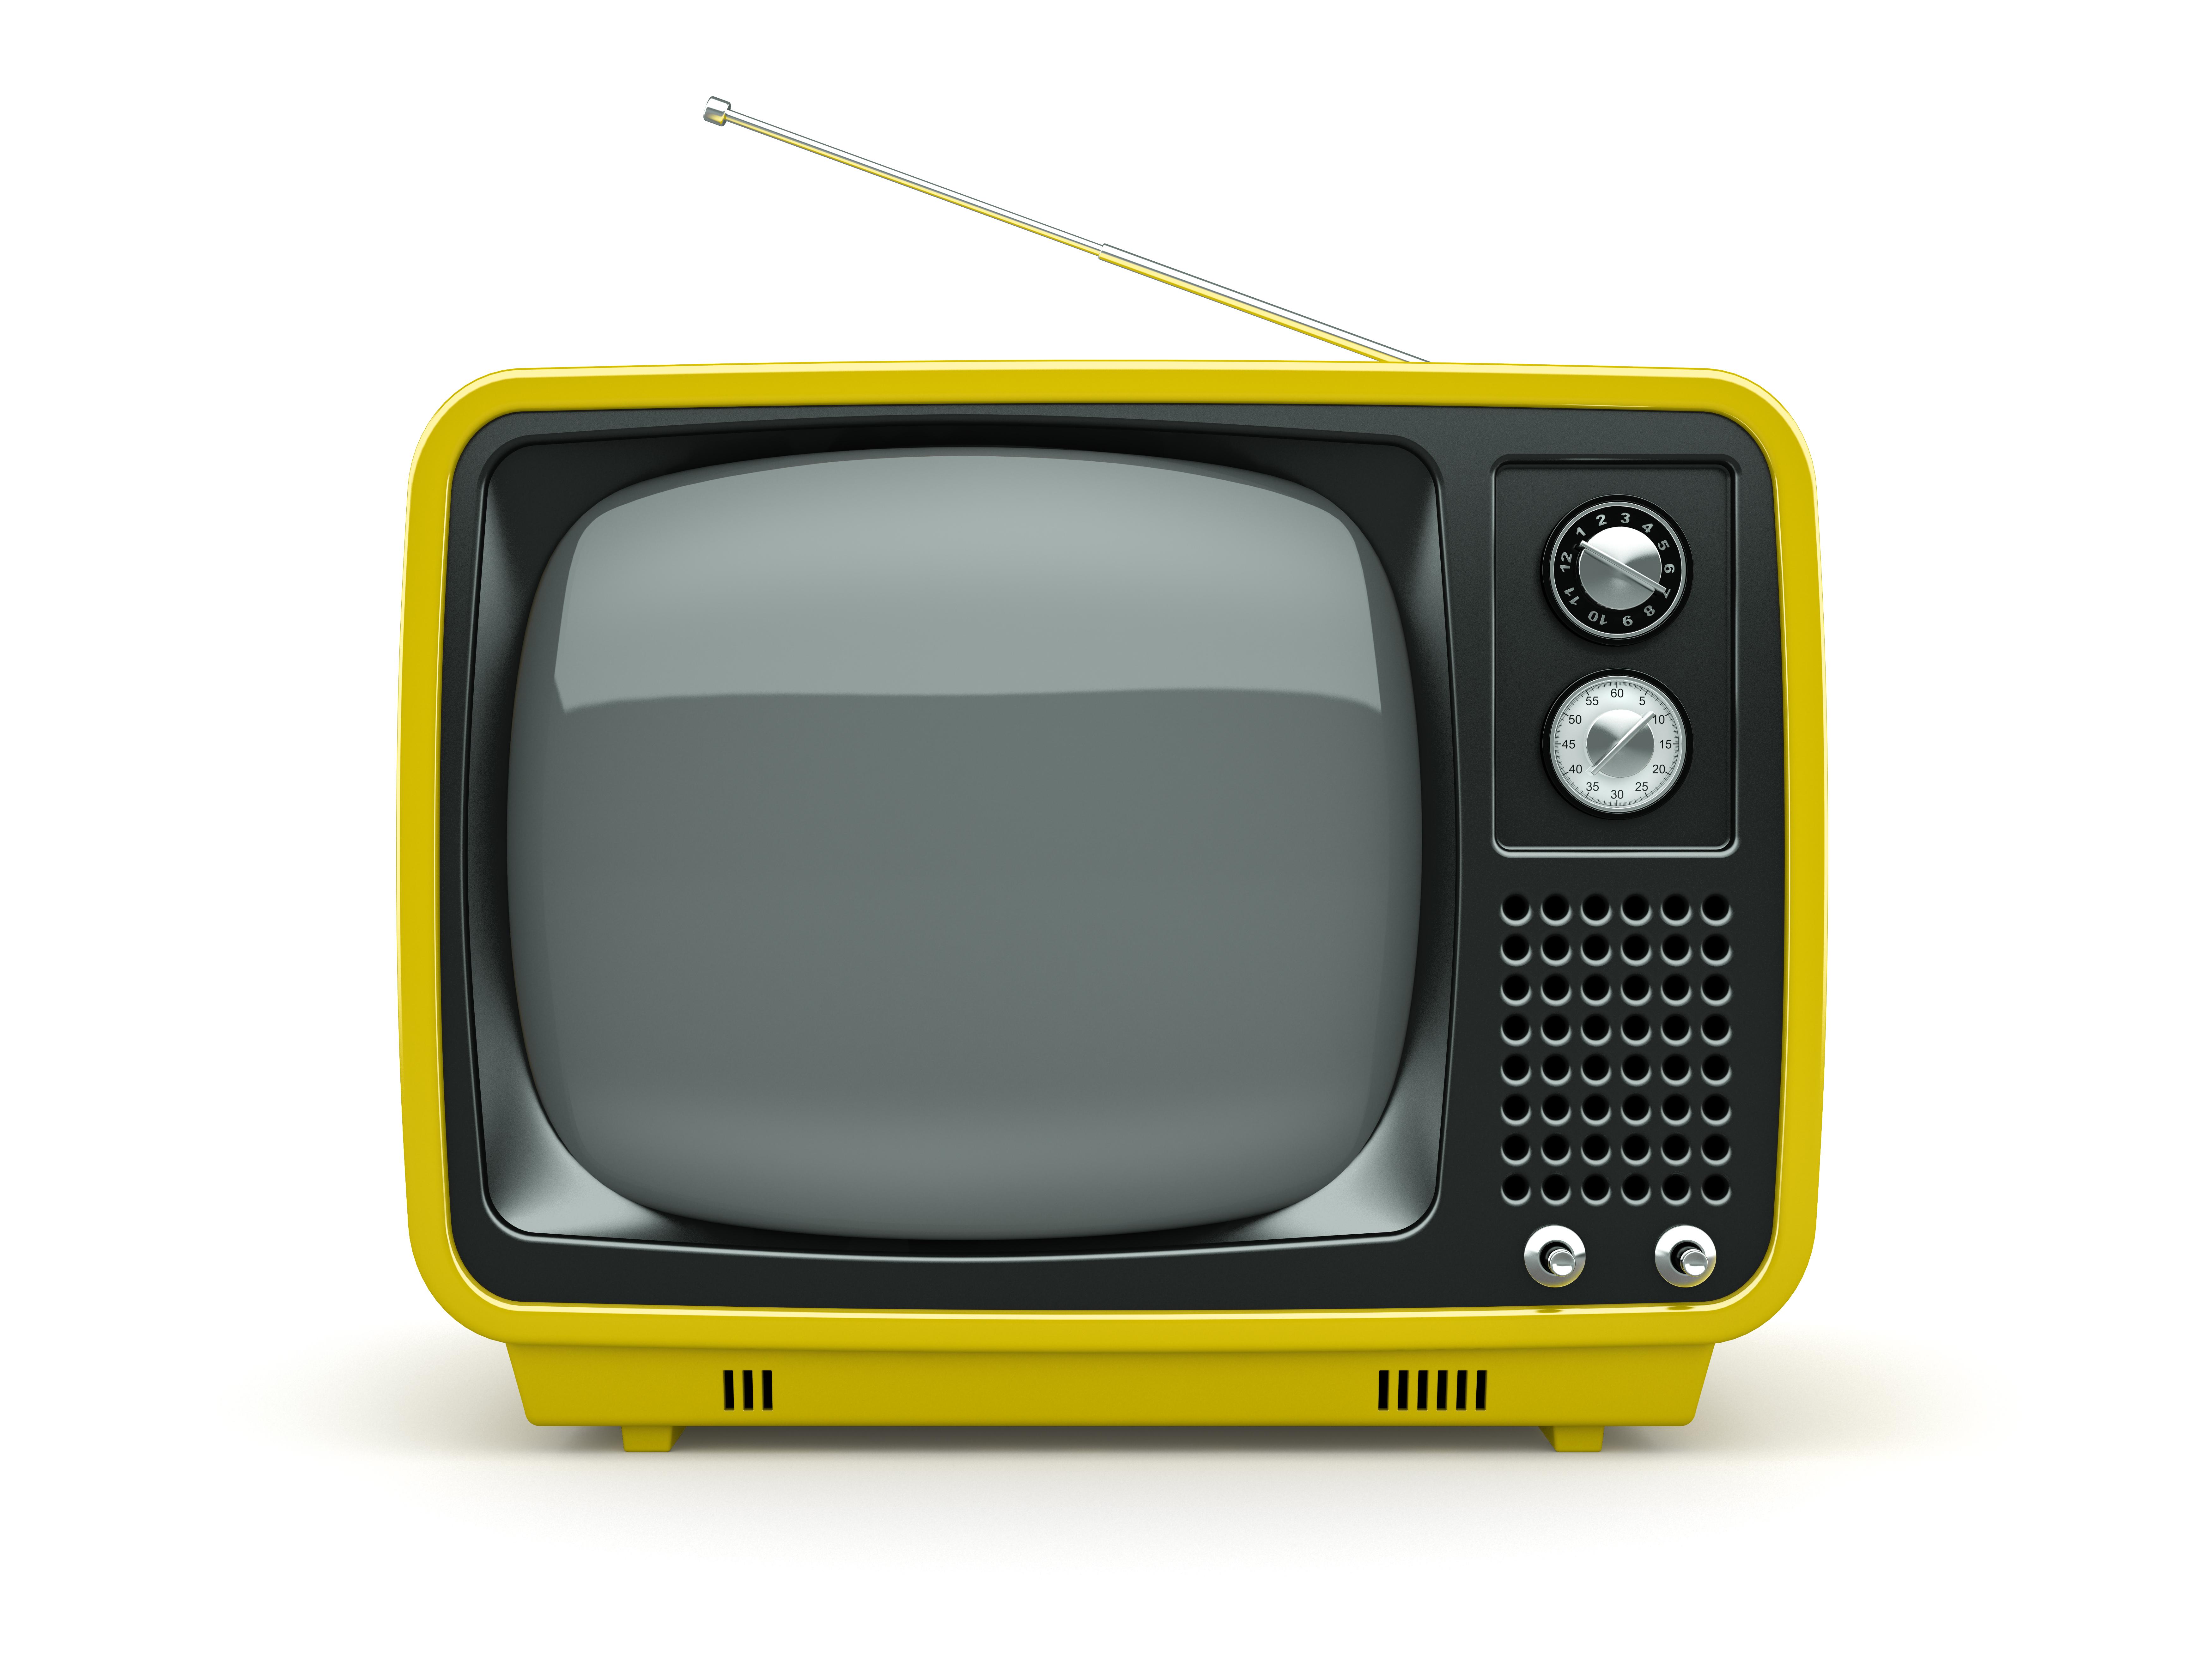 TV online: Assista online o seu programa ou filme favorito!